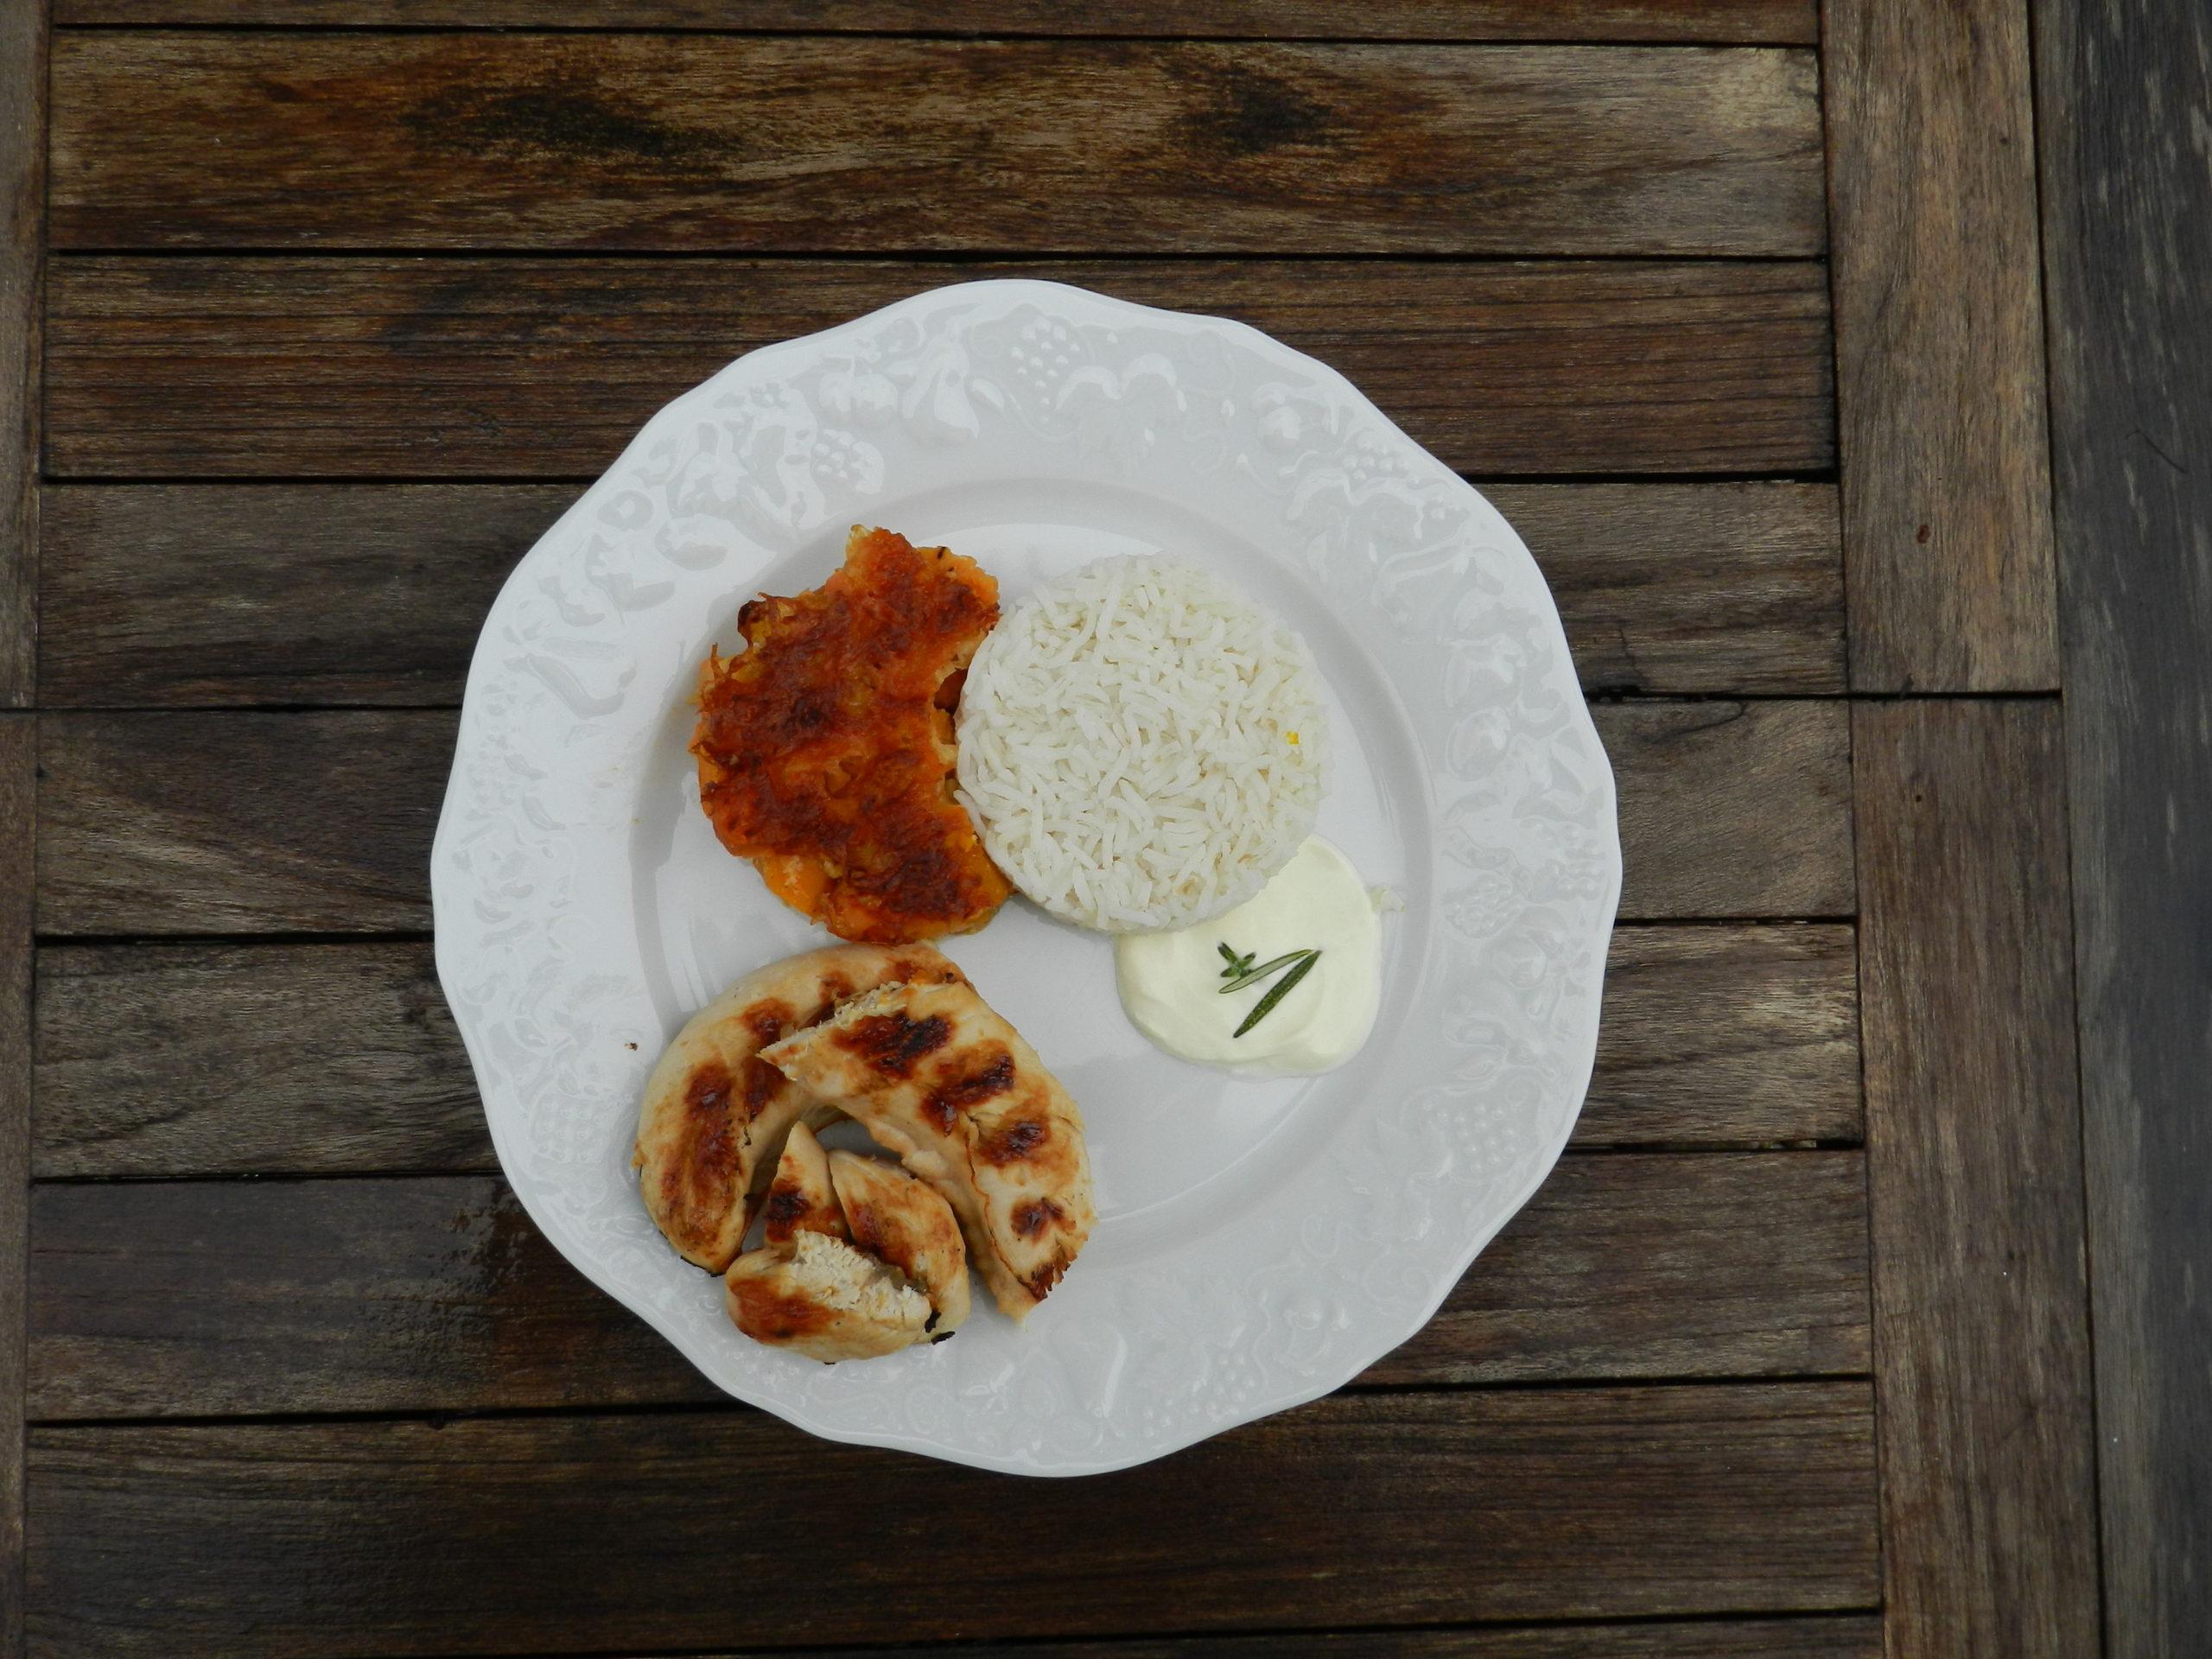 gratin potiron-patates douces_riz fumé_crème_poulet fumé